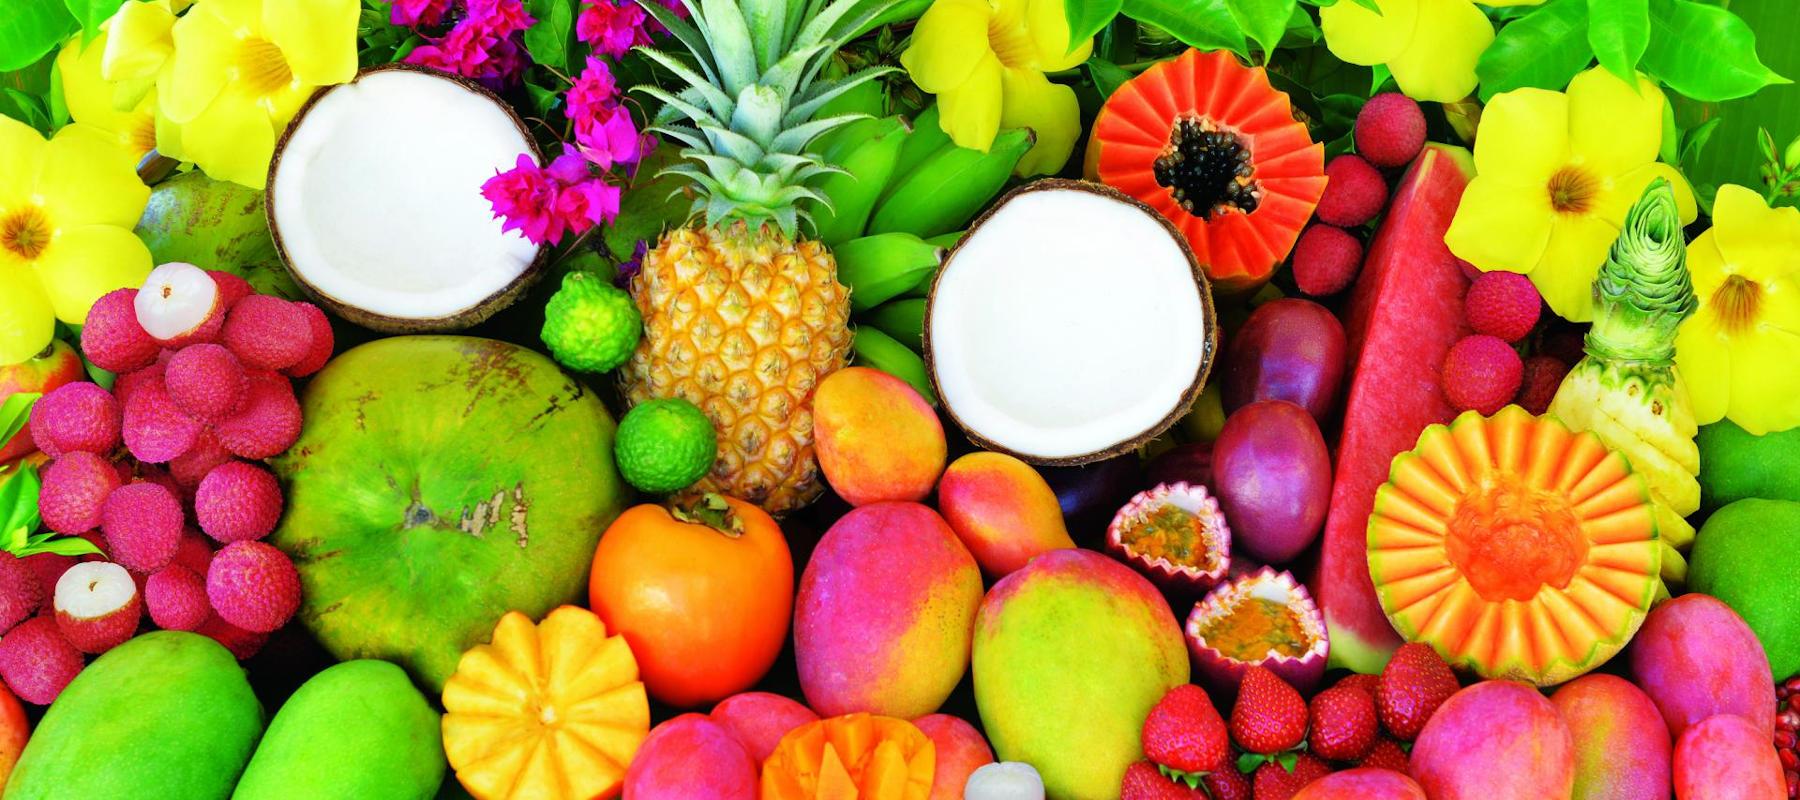 Η Αντιφλεγμονώδης Διατροφική Ζώνη ανακαλύφθηκε για να βοηθήσει την Ιατρική να γίνει πιο αποτελεσματική